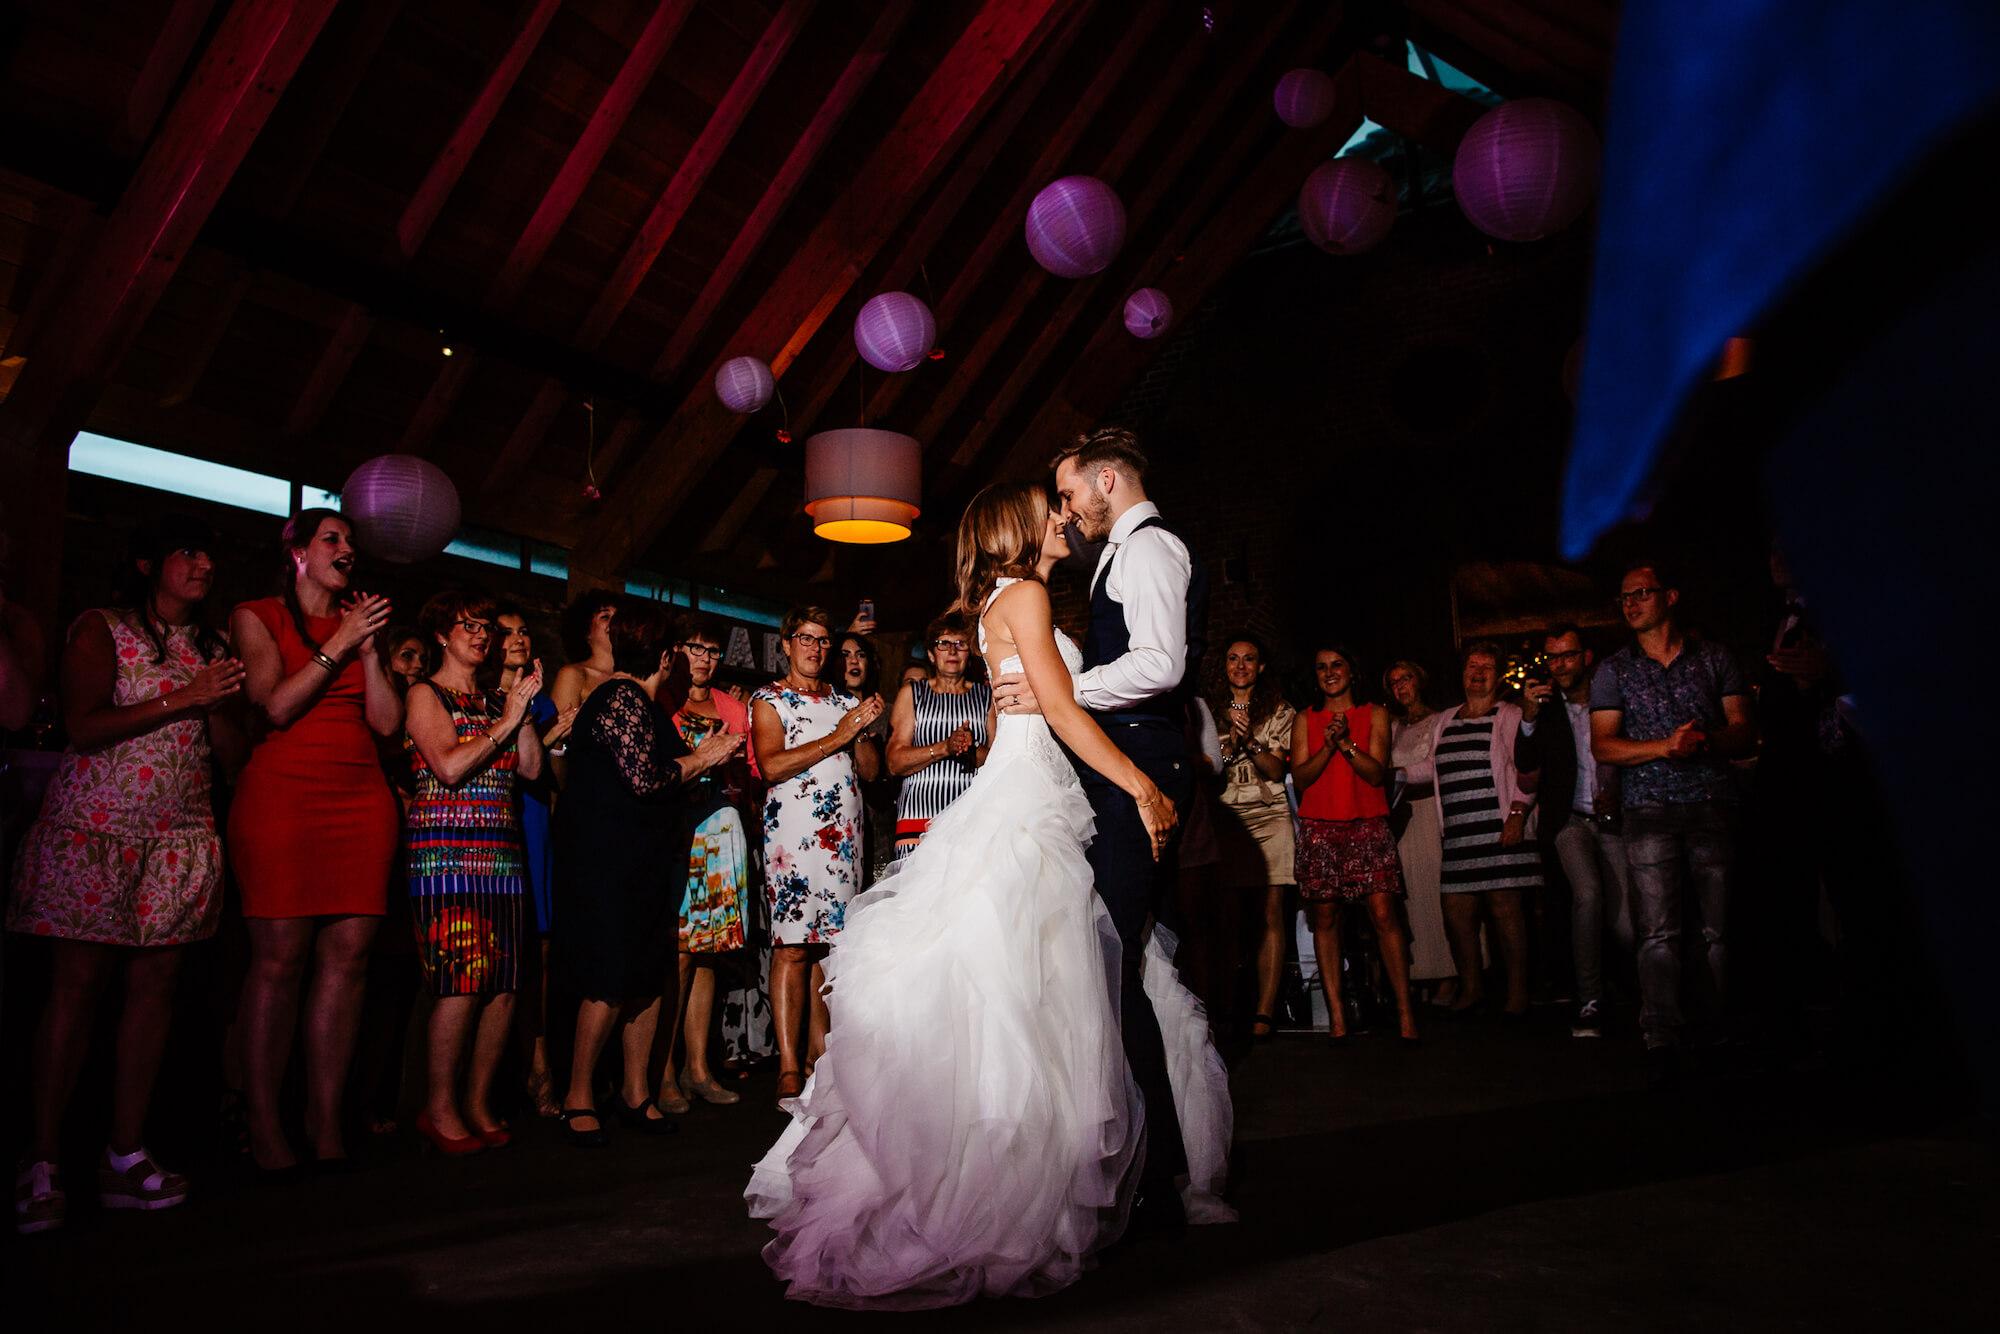 kasteelhoeve-geldrop-bruidsfotograaf-20.jpg